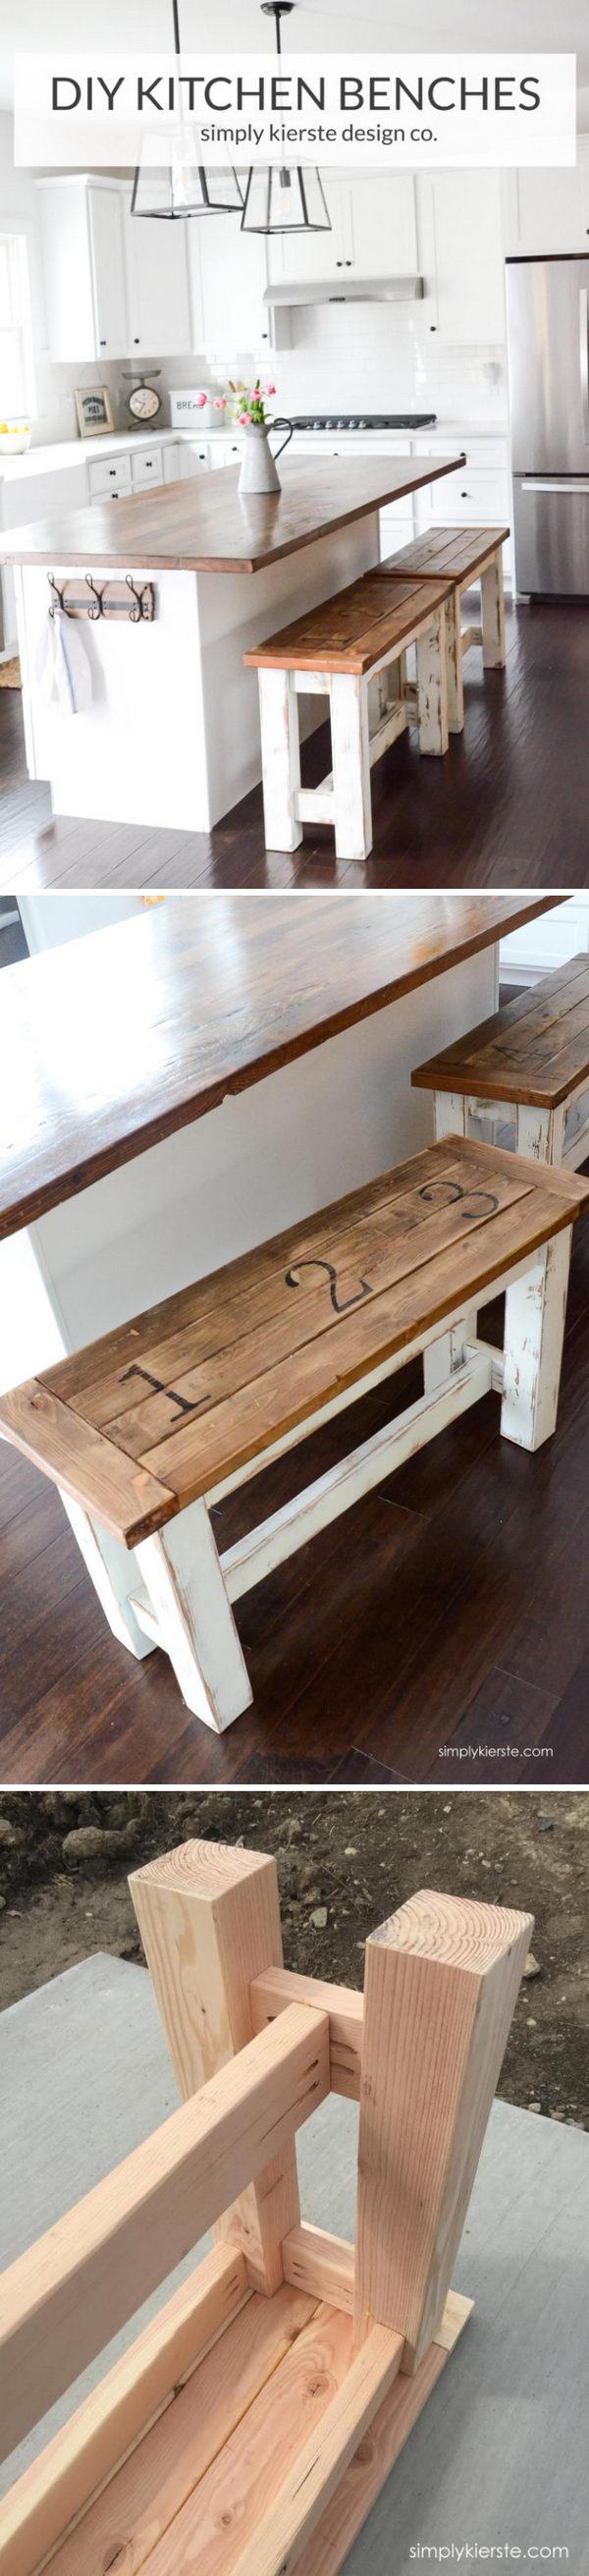 DIY Kitchen Benches.